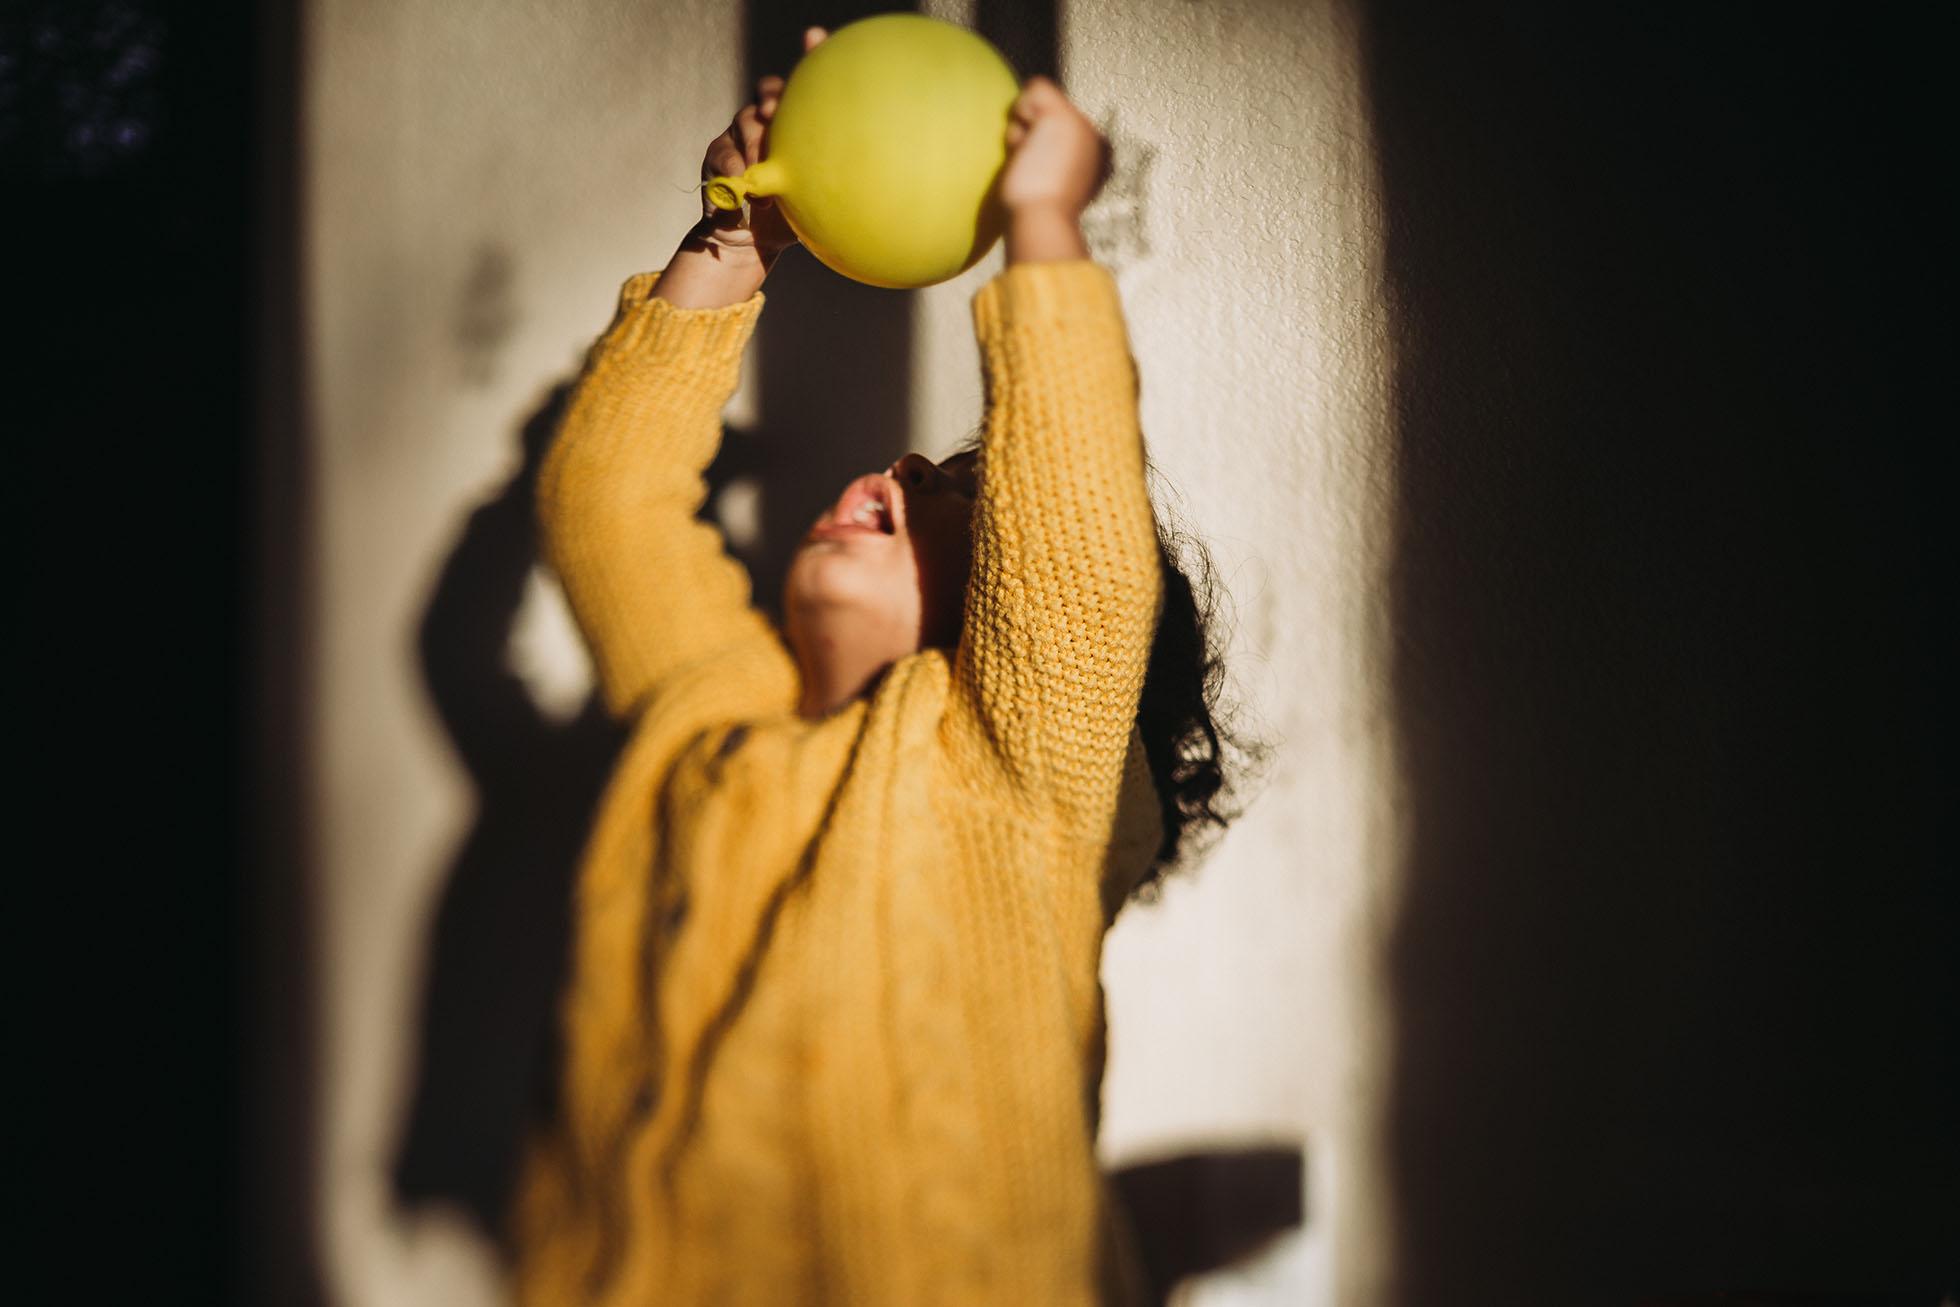 girl in yellow sweater playing with yellow balloon jyo bhamadipati